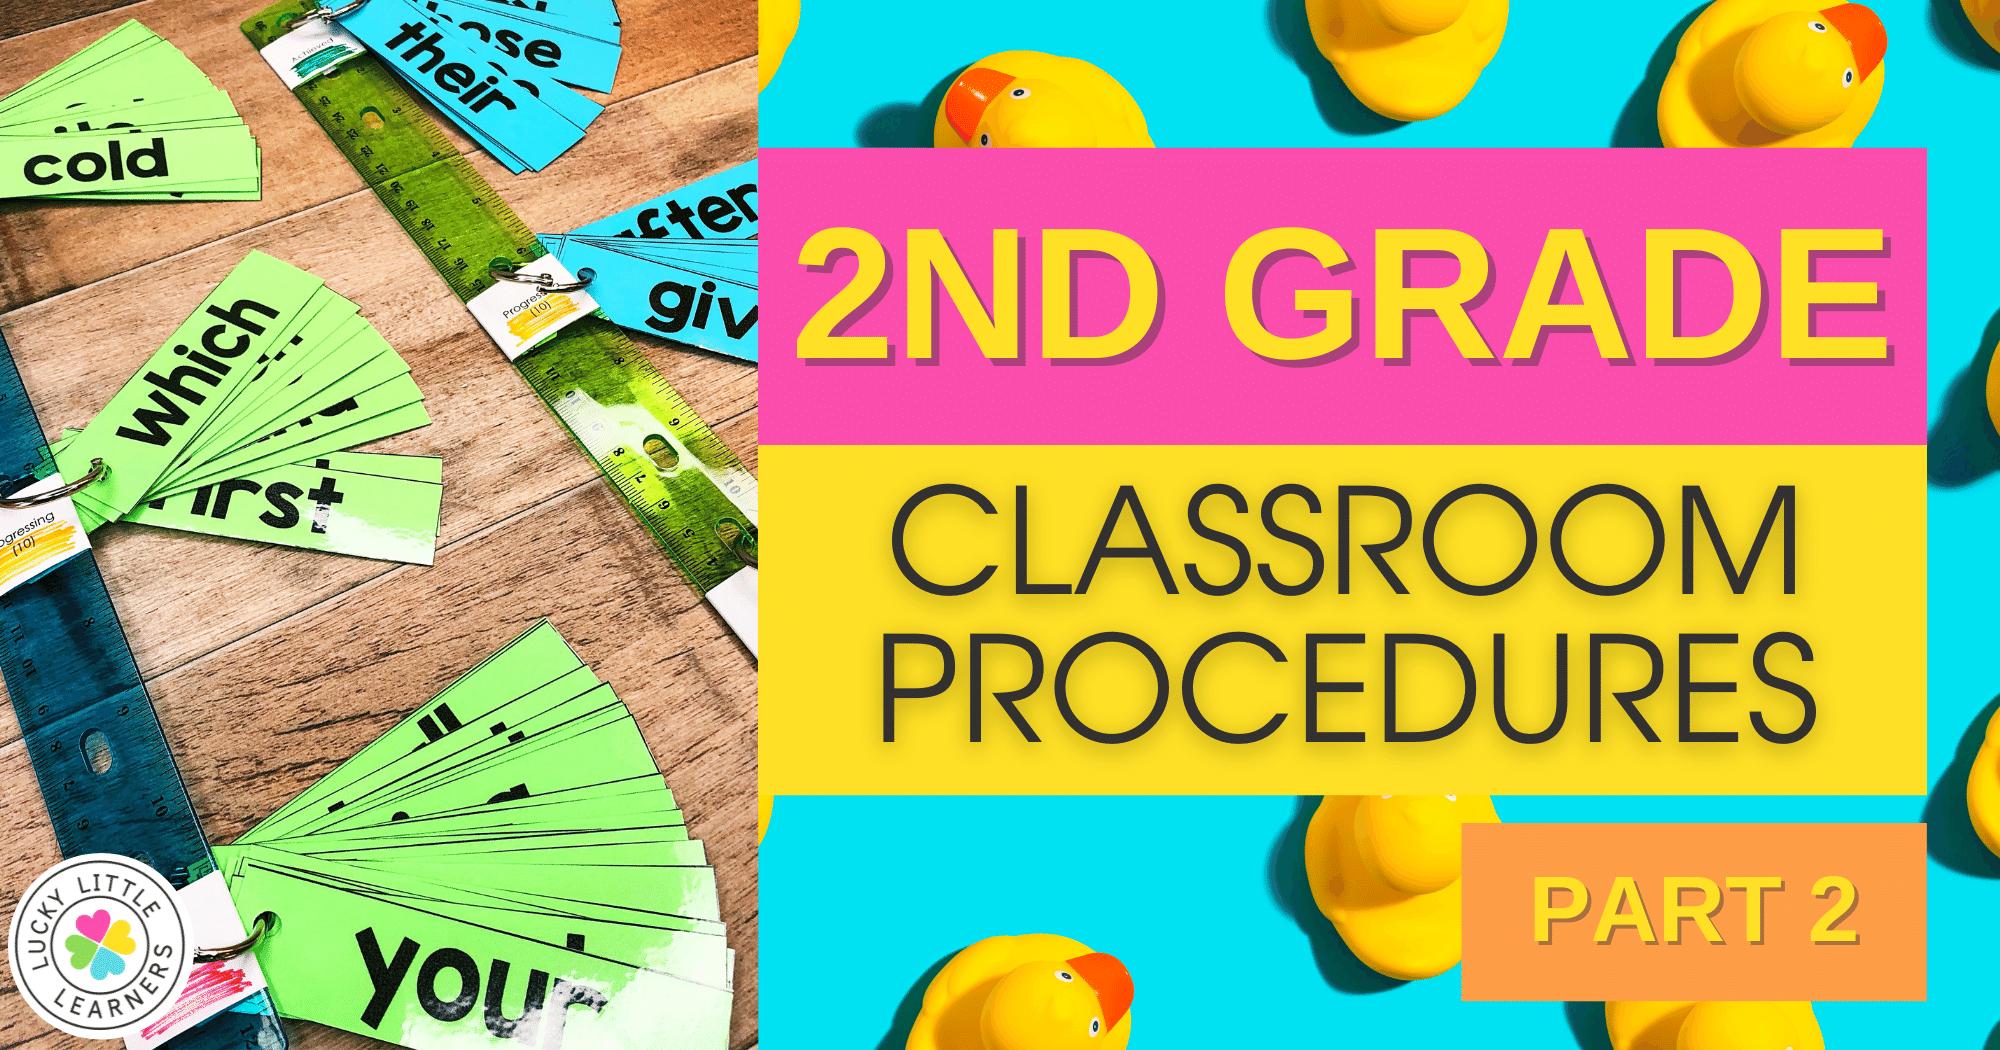 2nd Grade Classroom Procedures (Part 2)